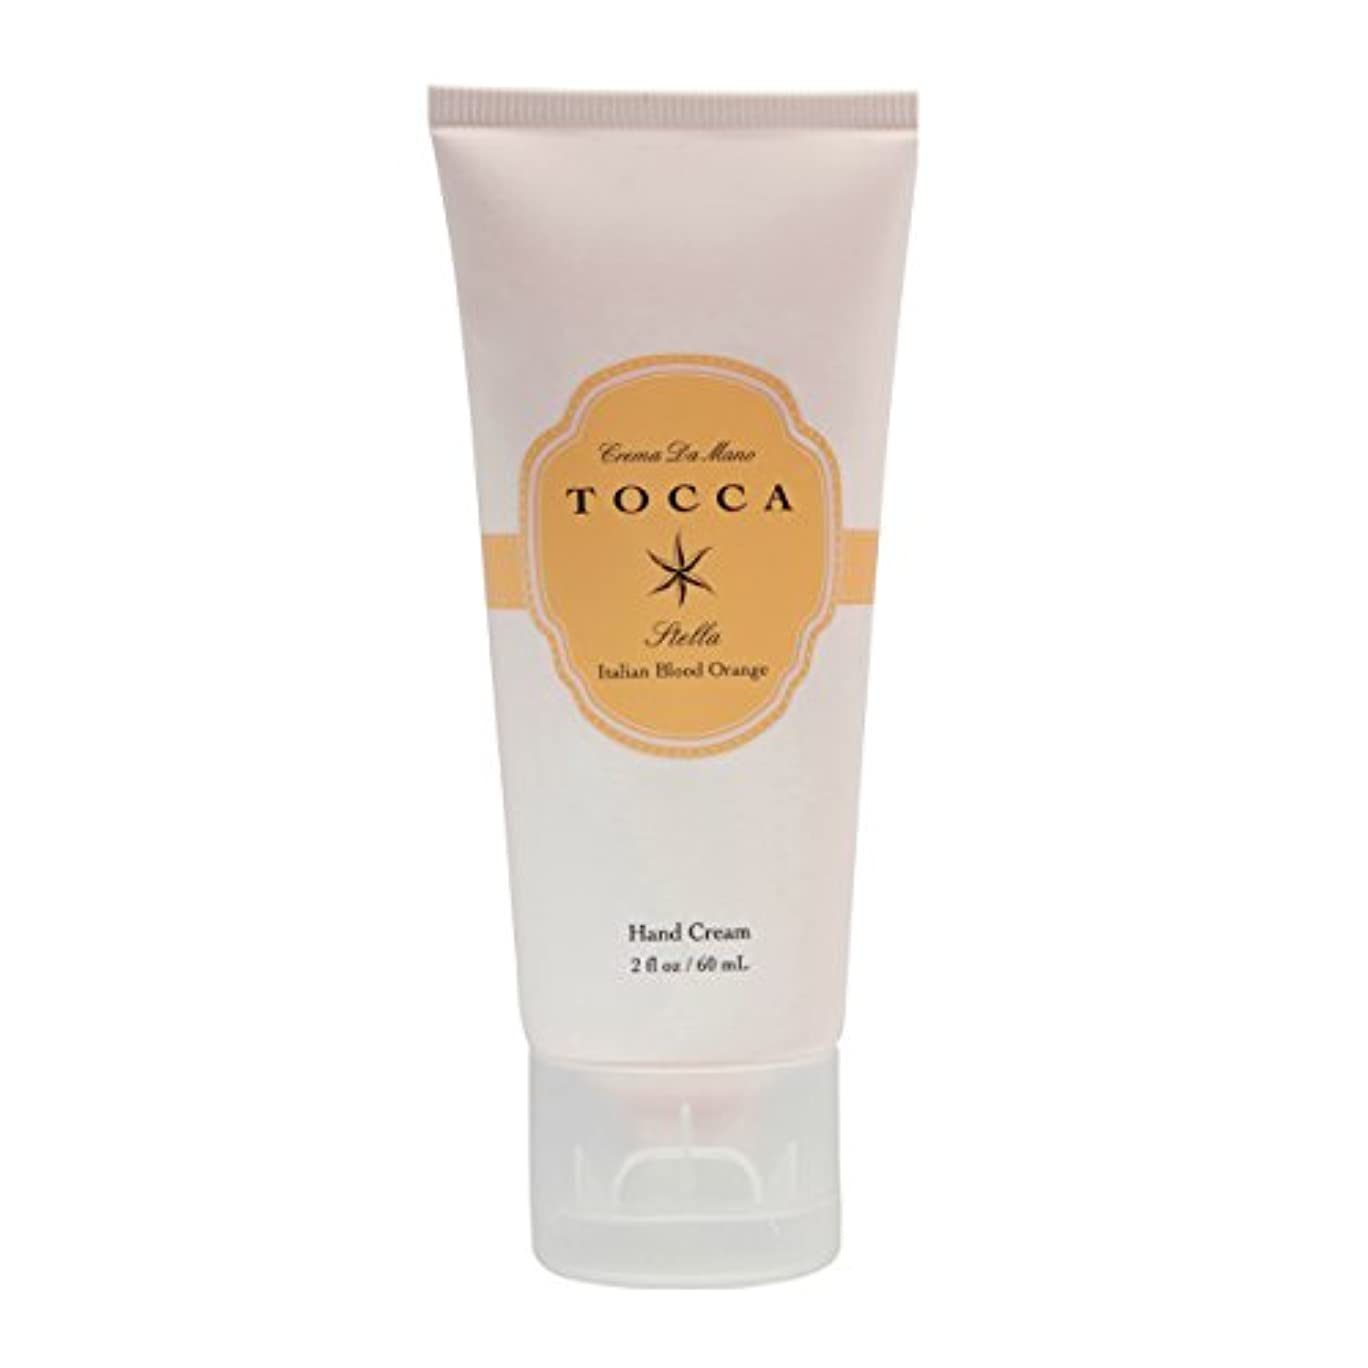 アメリカトレース逆にトッカ(TOCCA) ハンドクリーム  ステラの香り 60ml(手指用保湿 イタリアンブラッドオレンジが奏でるフレッシュでビターな爽やかさ漂う香り)